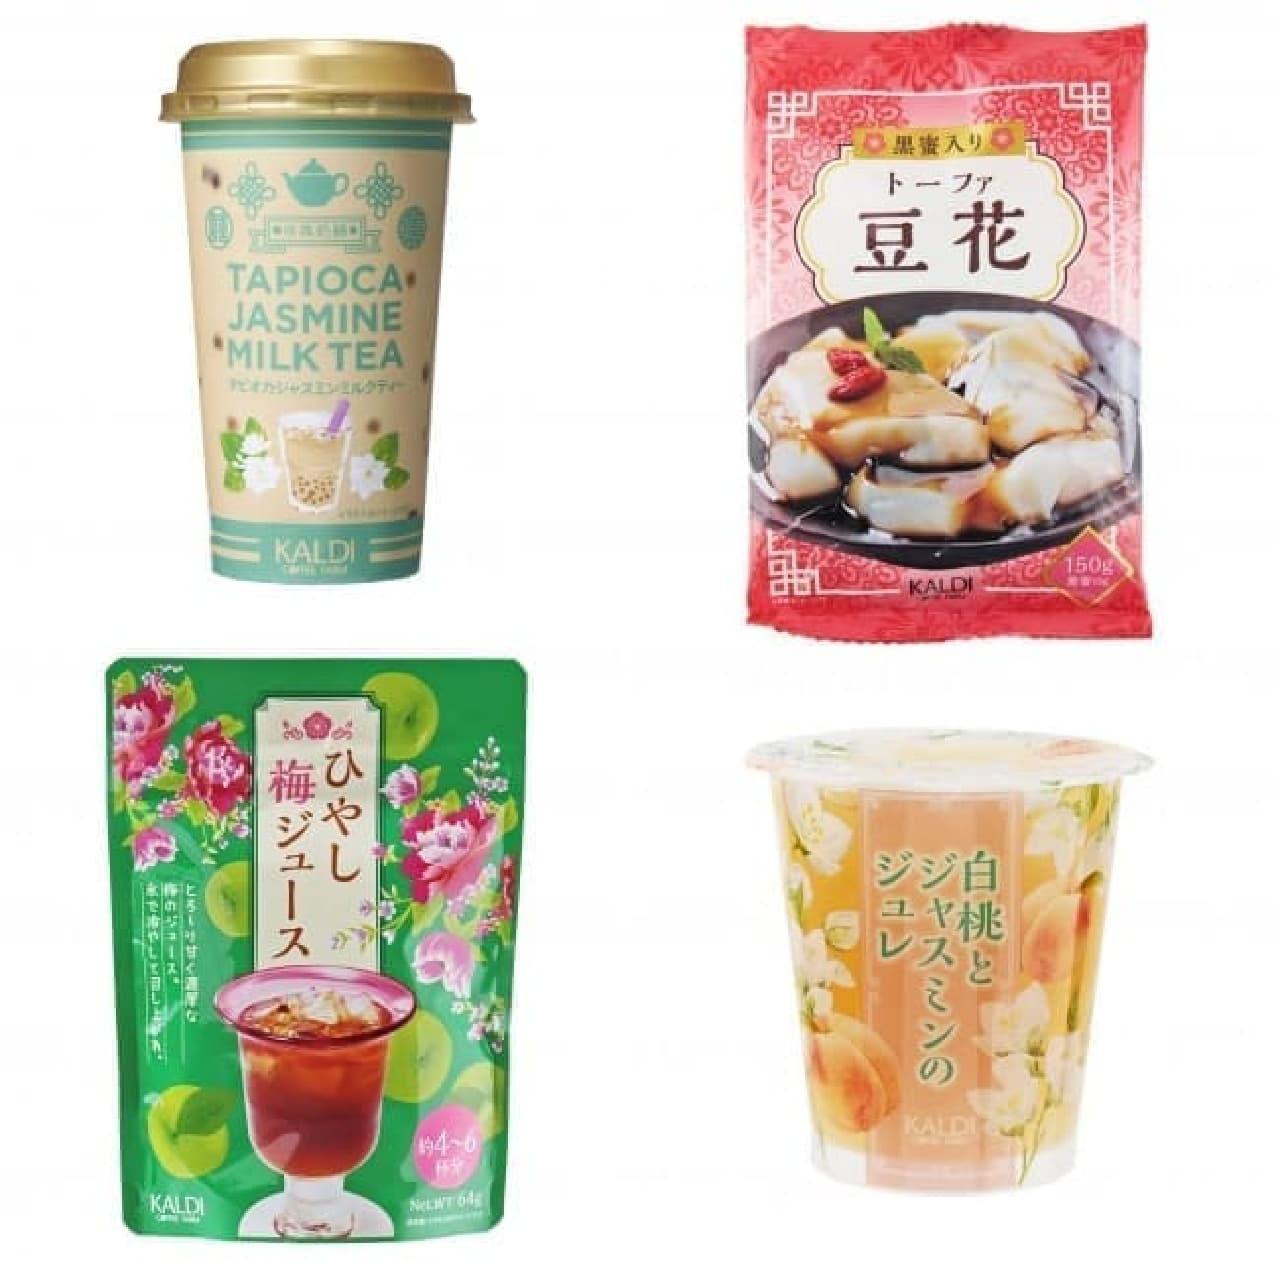 カルディ台湾のお菓子